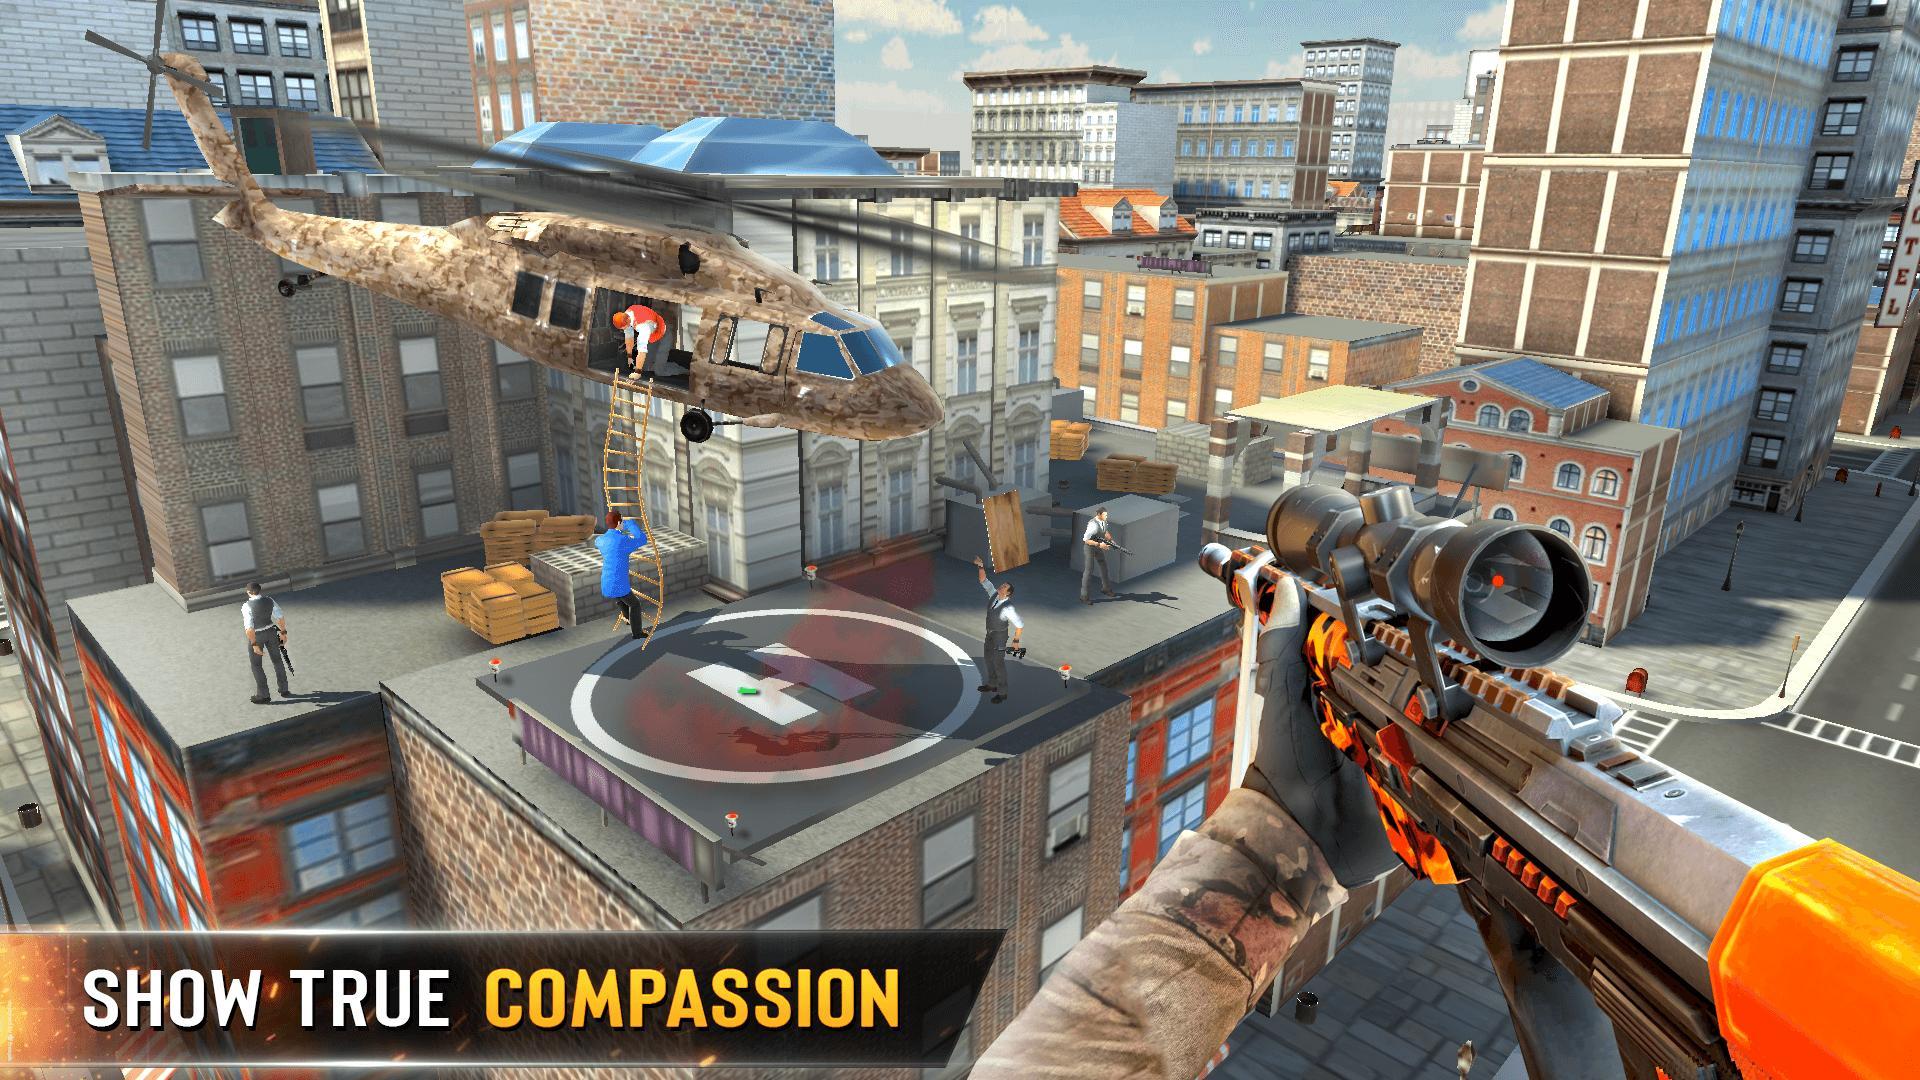 New Sniper Shooter: Free offline 3D shooting games 1.78 Screenshot 15